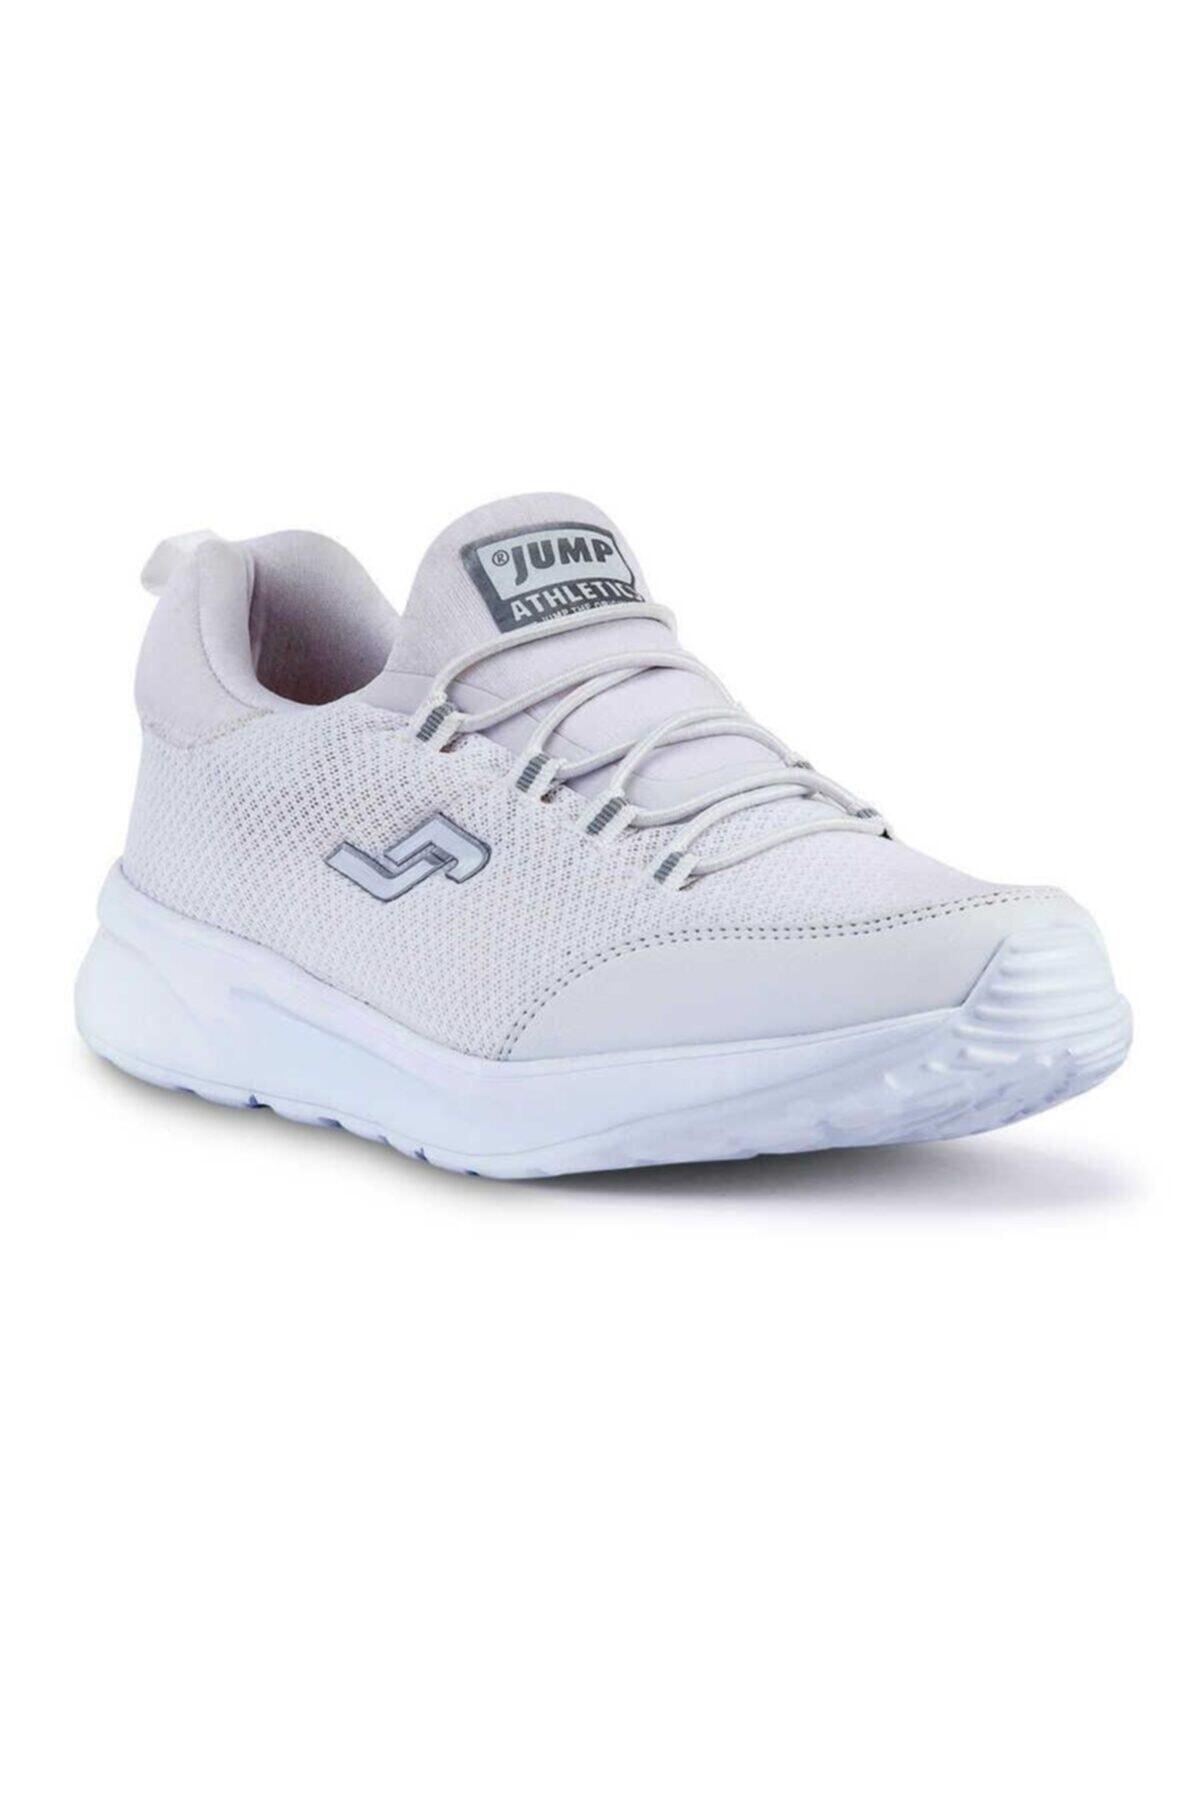 21135 Beyaz Erkek Spor Ayakkabı